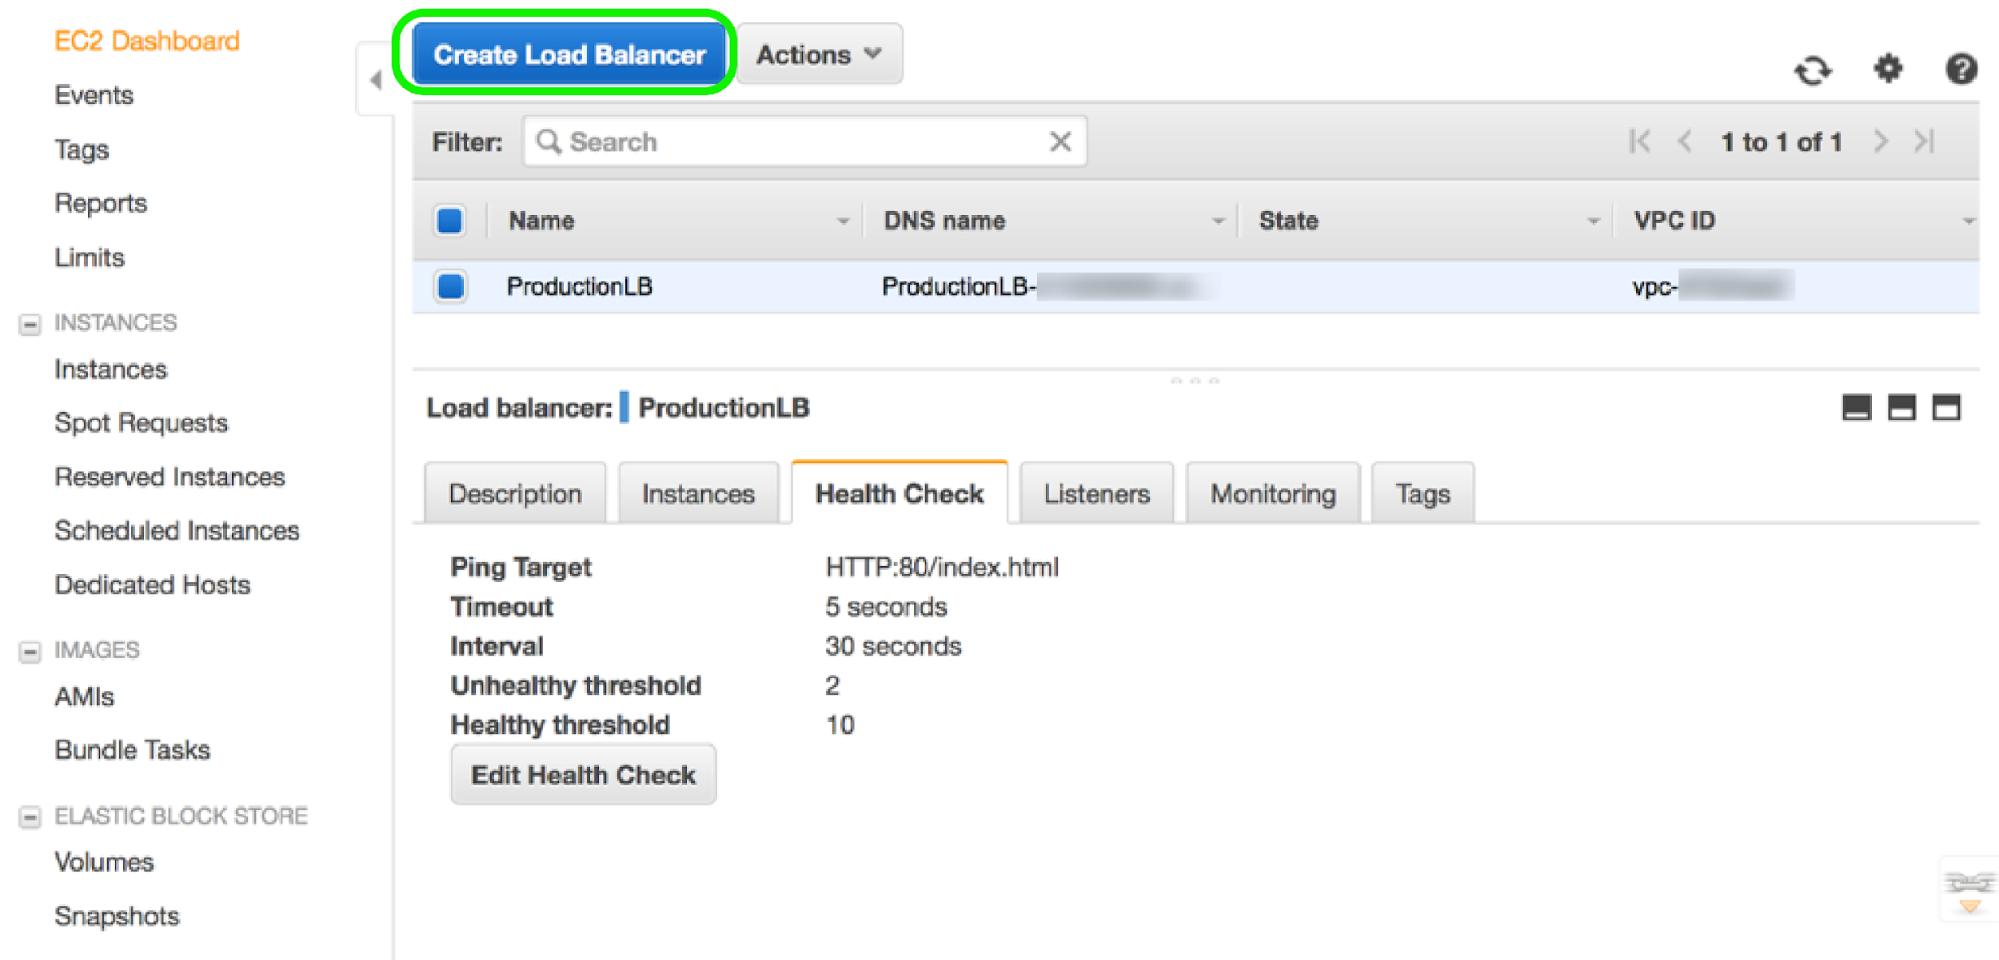 AWS EC2 Dashboard - Create Load Balancer